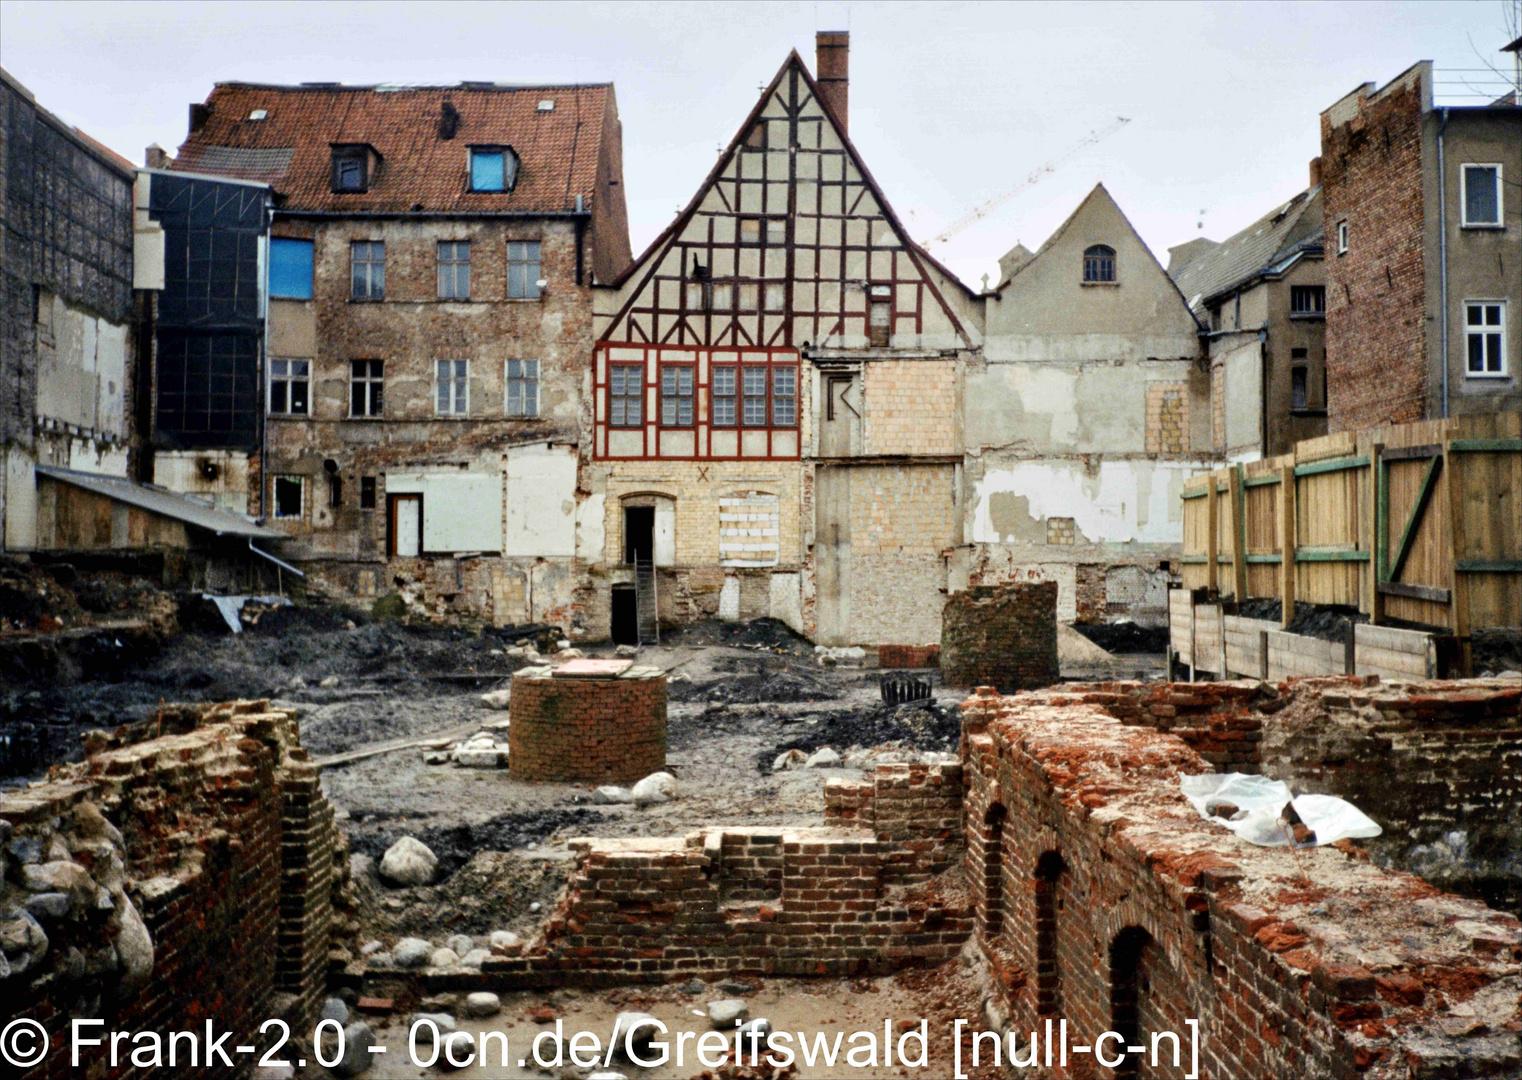 © Quartier zwischen Markt und Brüggstraße (Innenhof) 1995